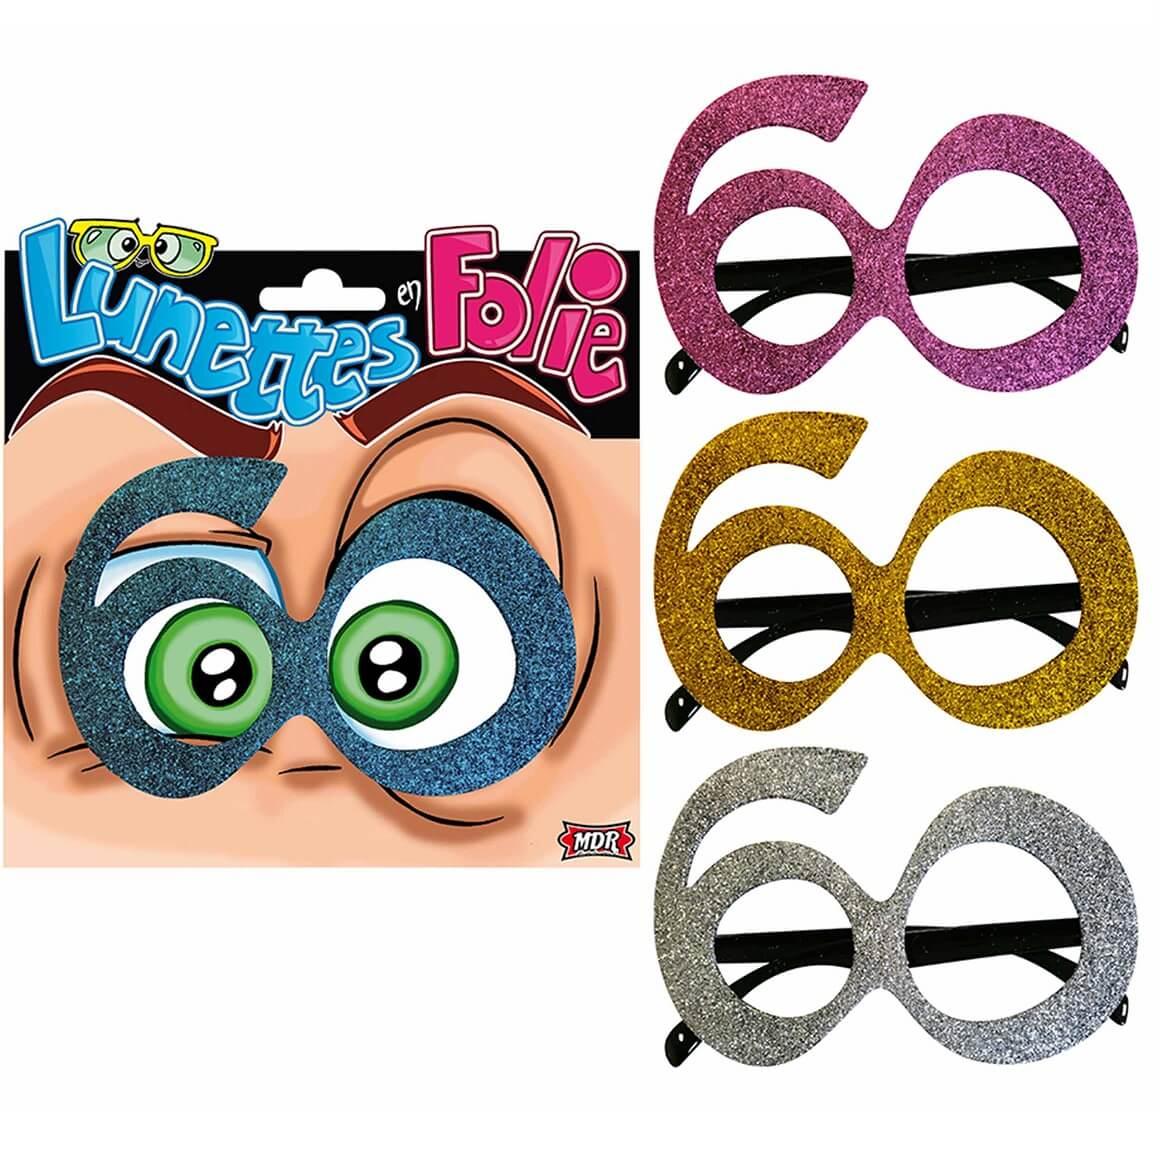 Cadeau adulte lunettes anniversaire 60ans